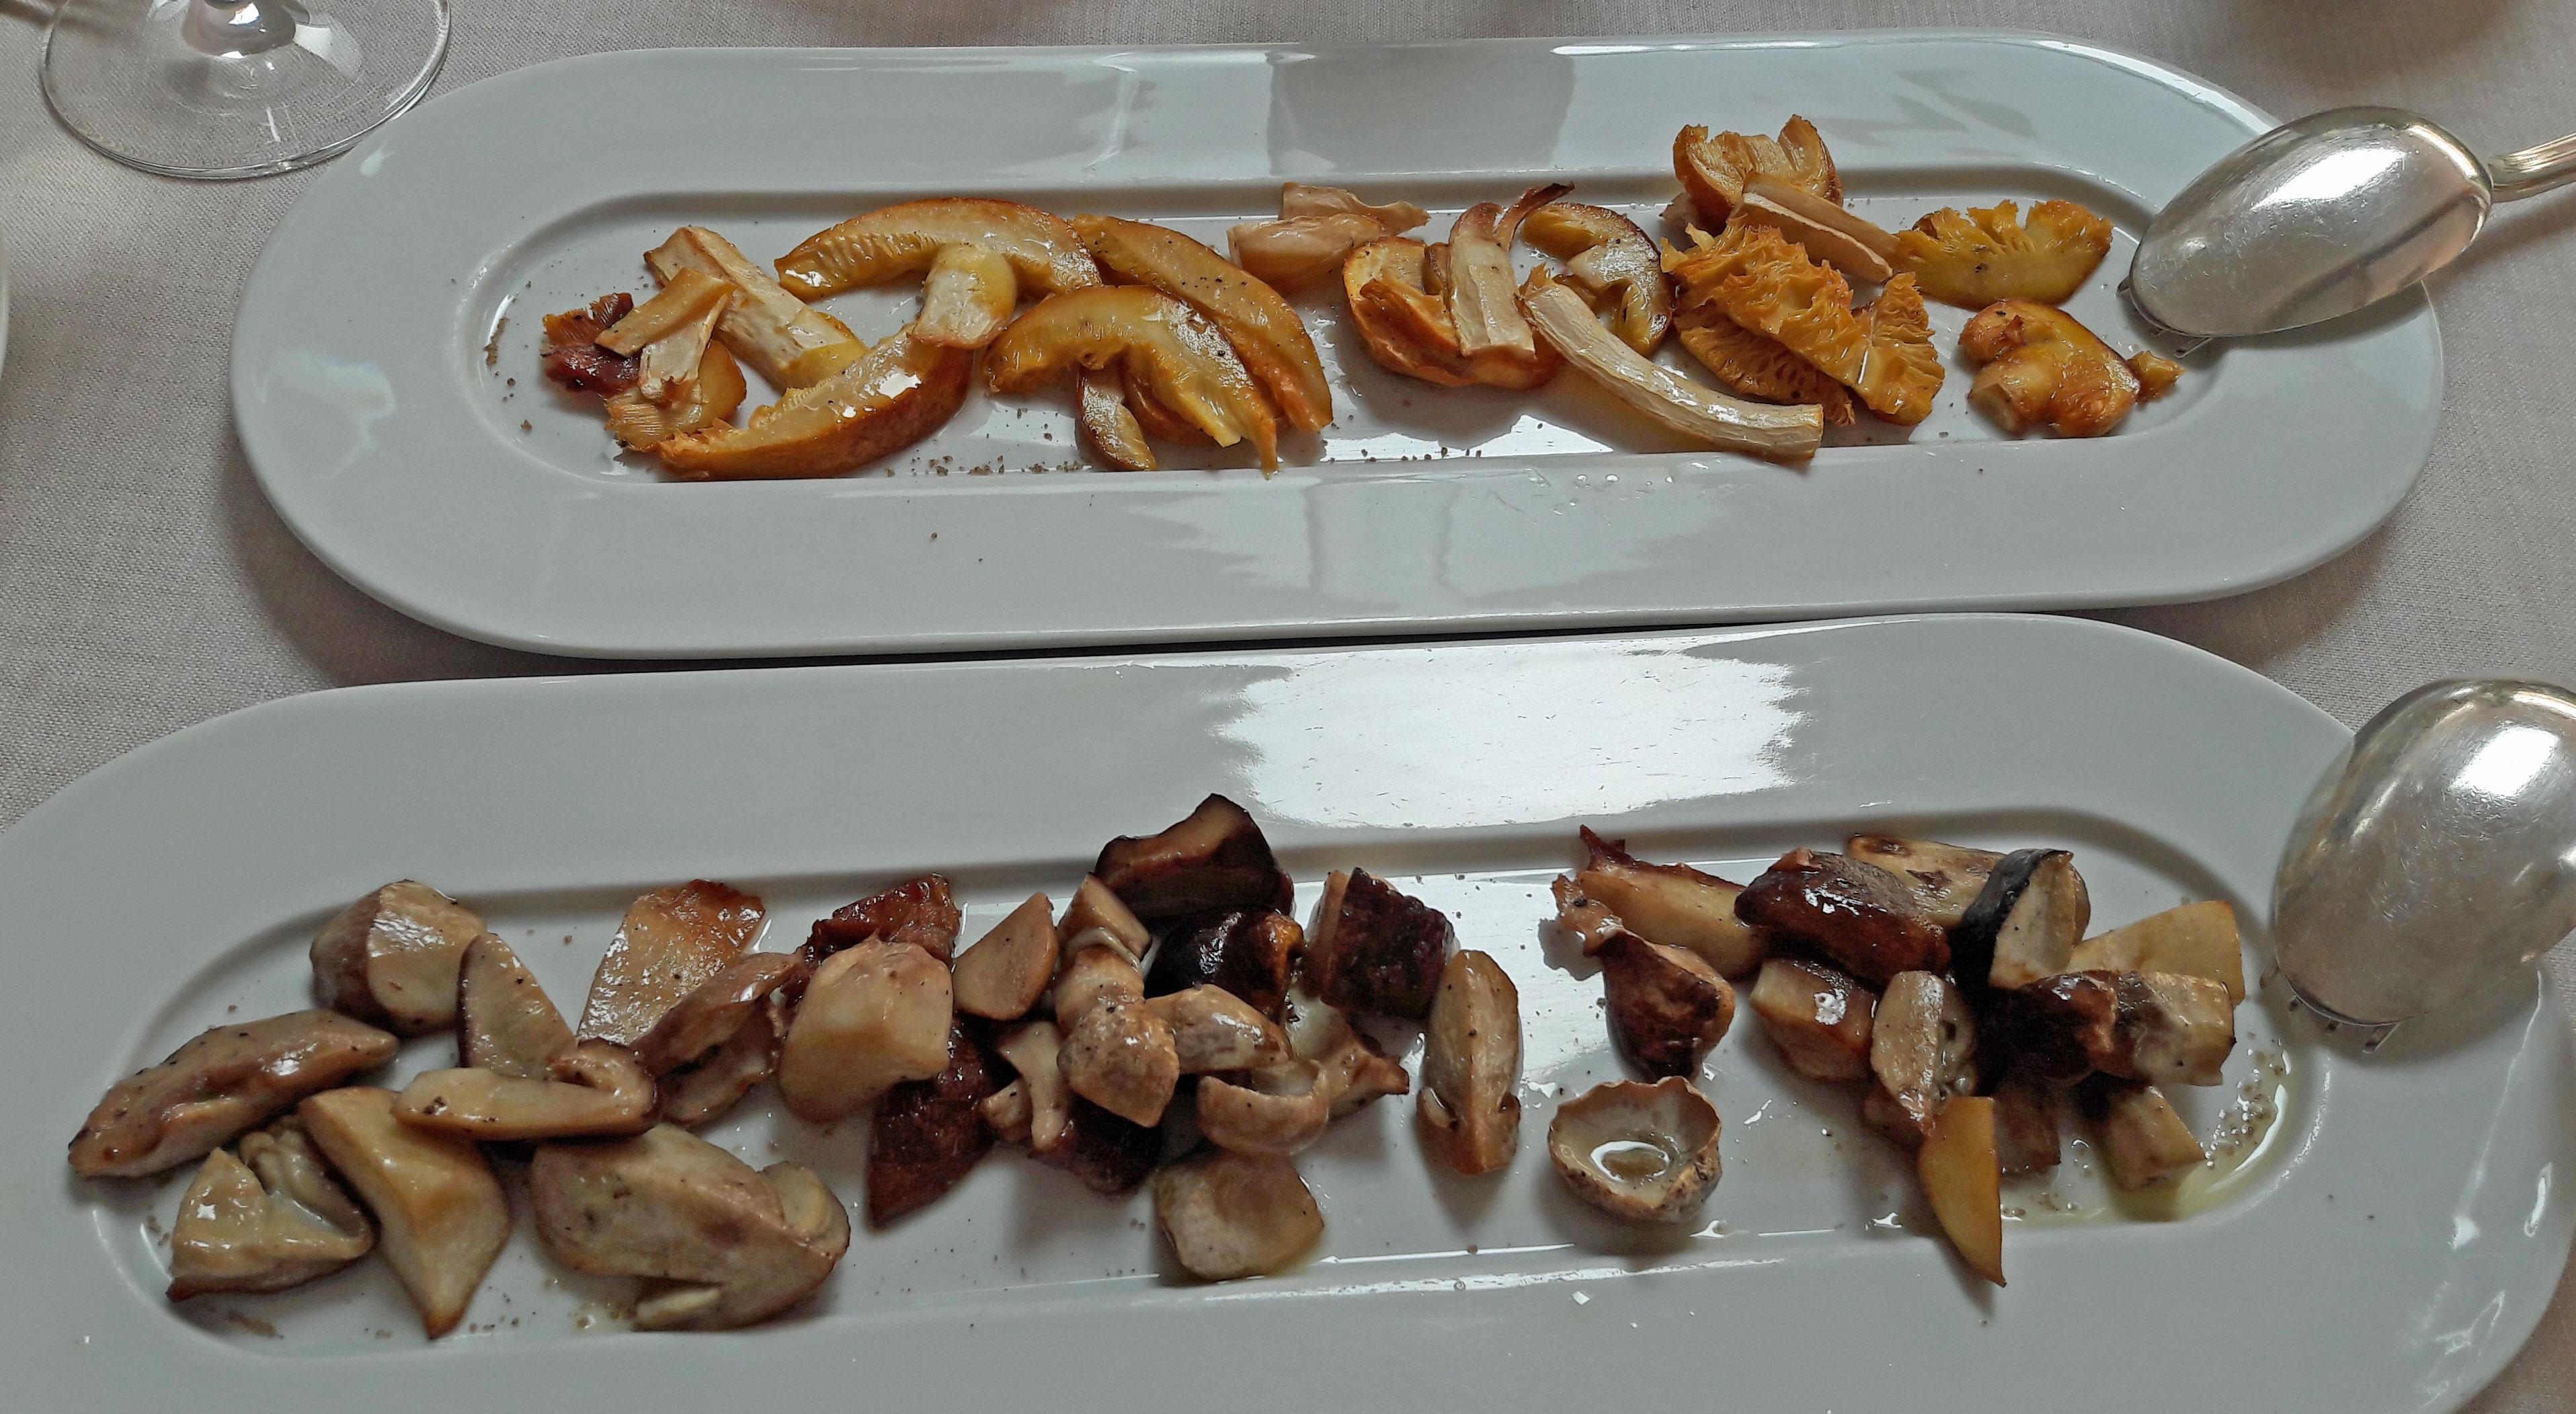 Restaurante en Figueres Boletus edulis asados al horno con sal de boletus y Amanitas caesarea (Oronja) asadas al horno con aceite de oliva argudell